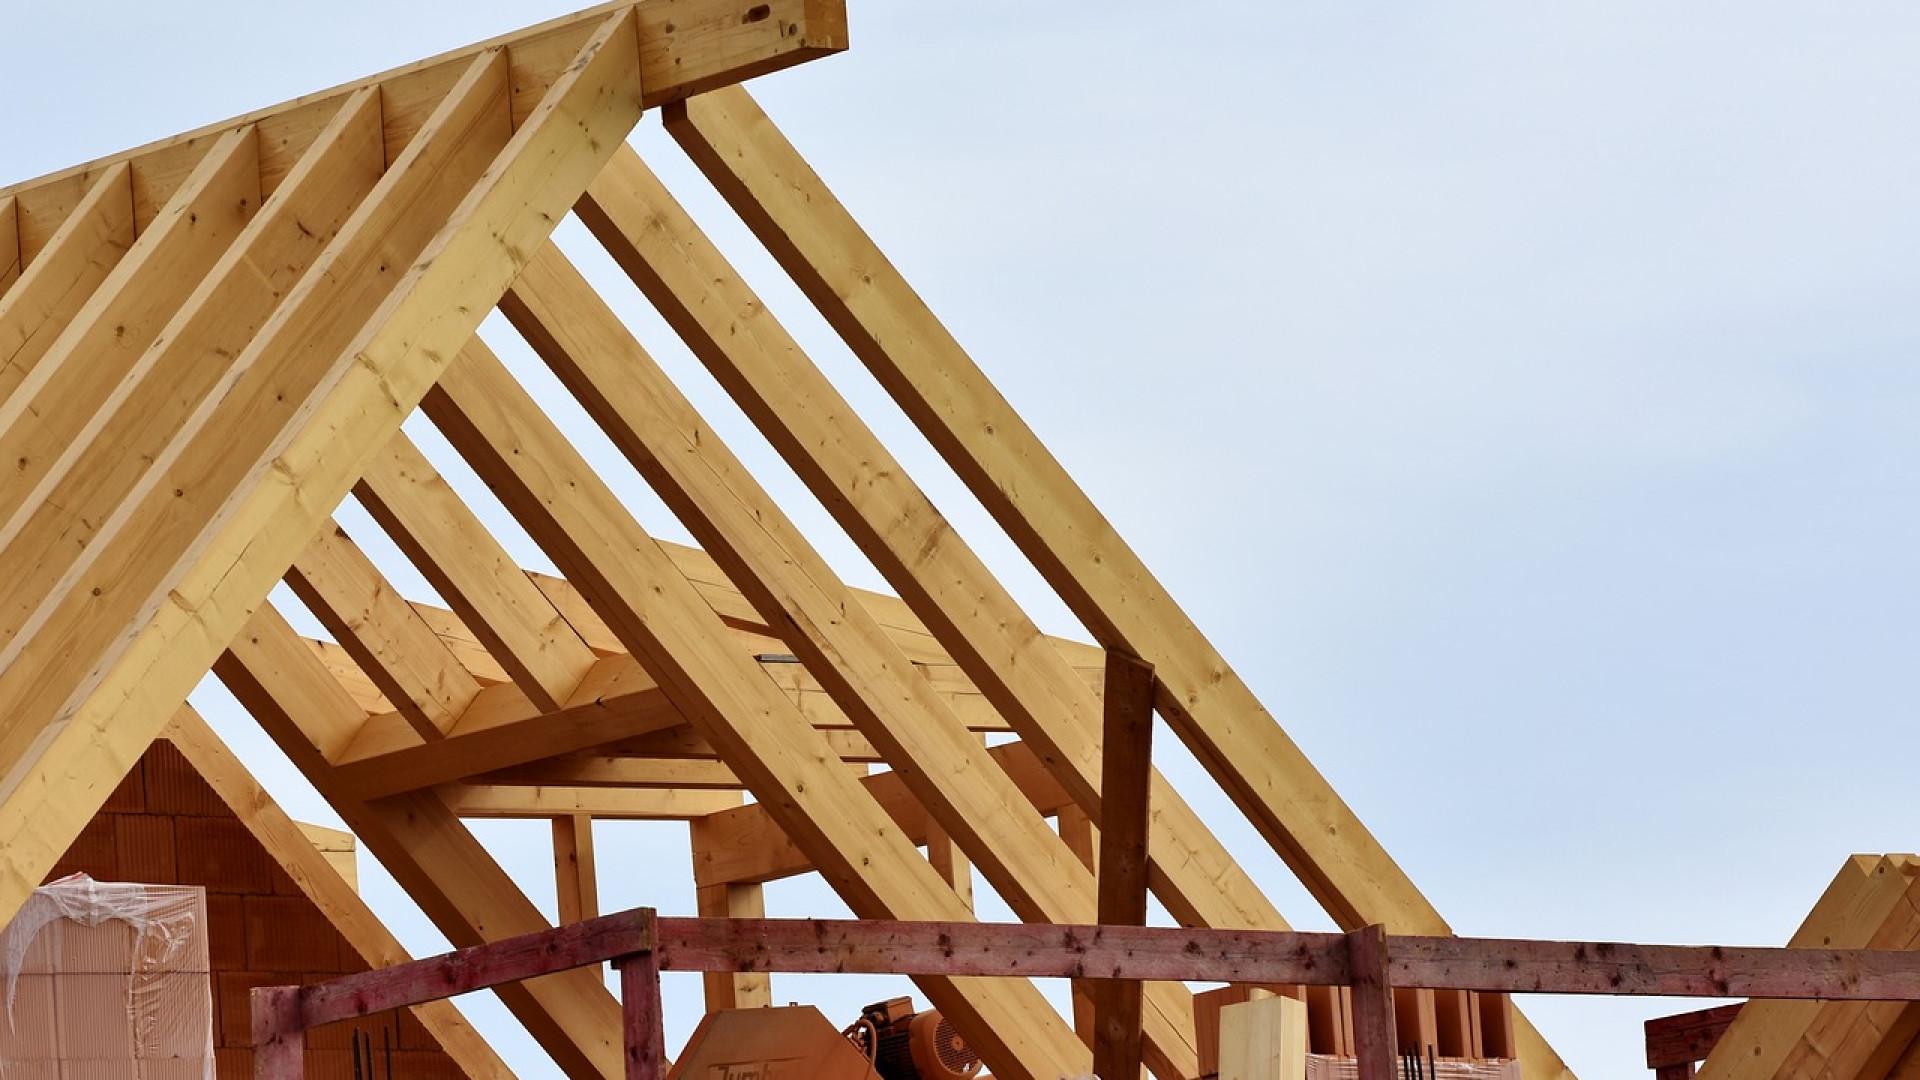 Pourquoi confier son projet de construction de maison en ossature bois à une entreprise ?